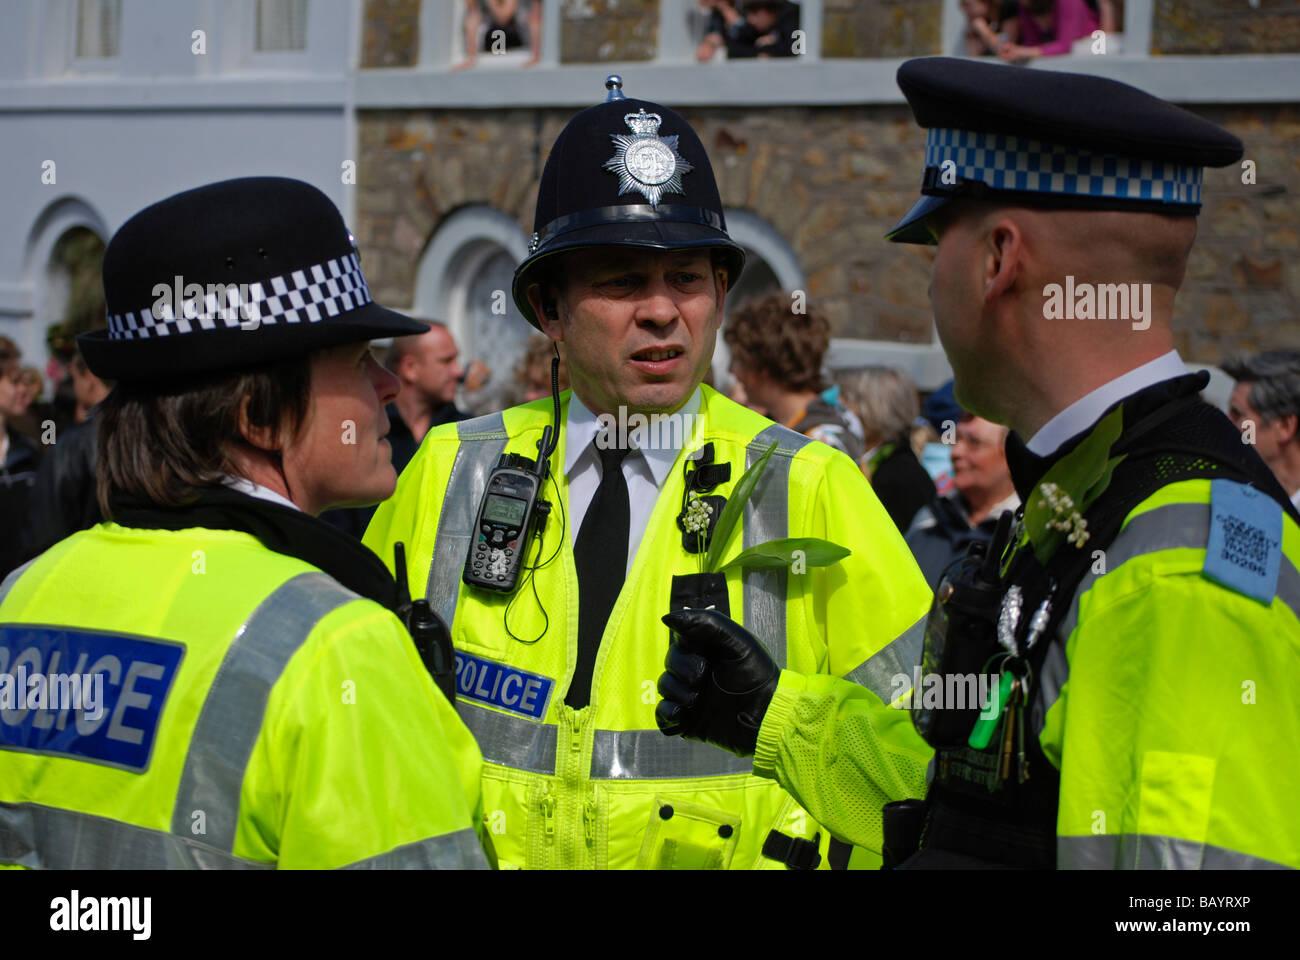 La policía británica sobre el deber de control de multitudes en la flora helston día,helston, Cornwall, Imagen De Stock